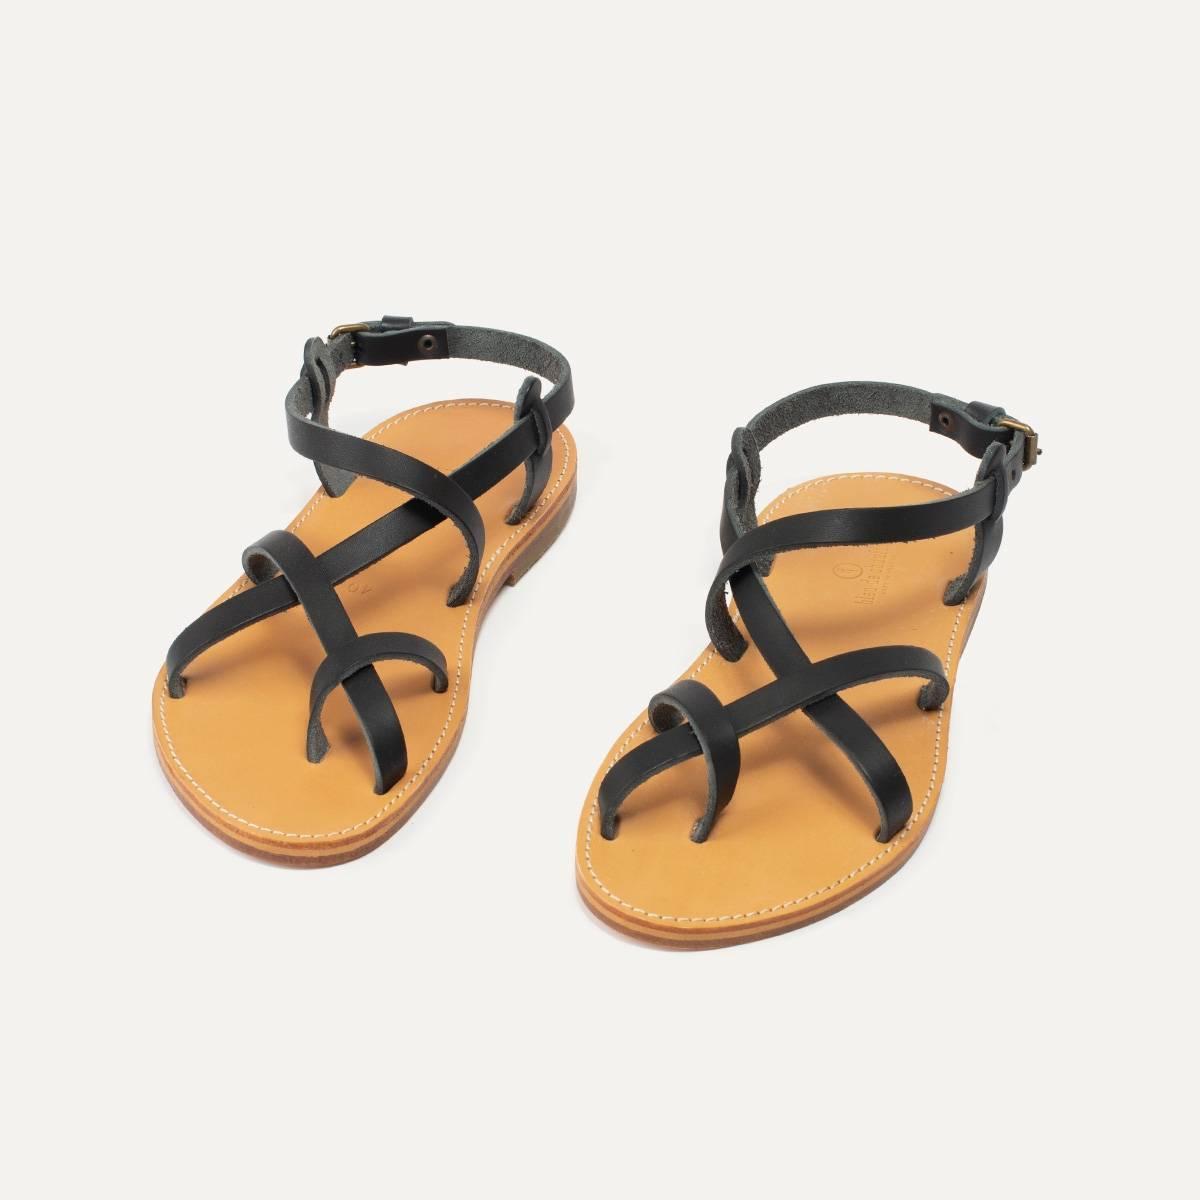 Sandales cuir Nara - Noir (image n°5)